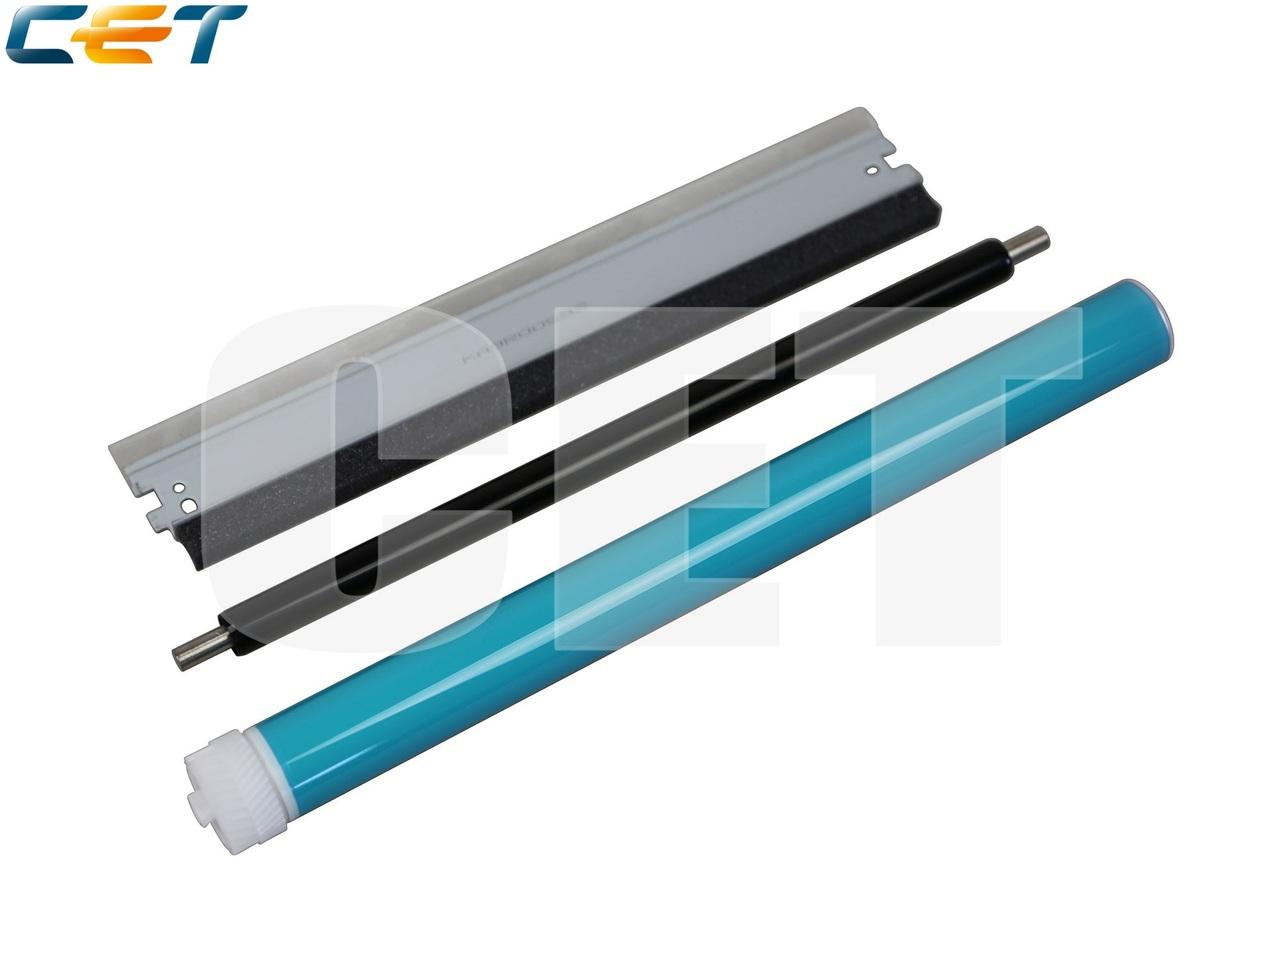 Комплект восстановления драм-юнита C-EXV18 для CANONiR1018/1019/1022/1023/1024/1025 (CET), 25000 стр., CET4707